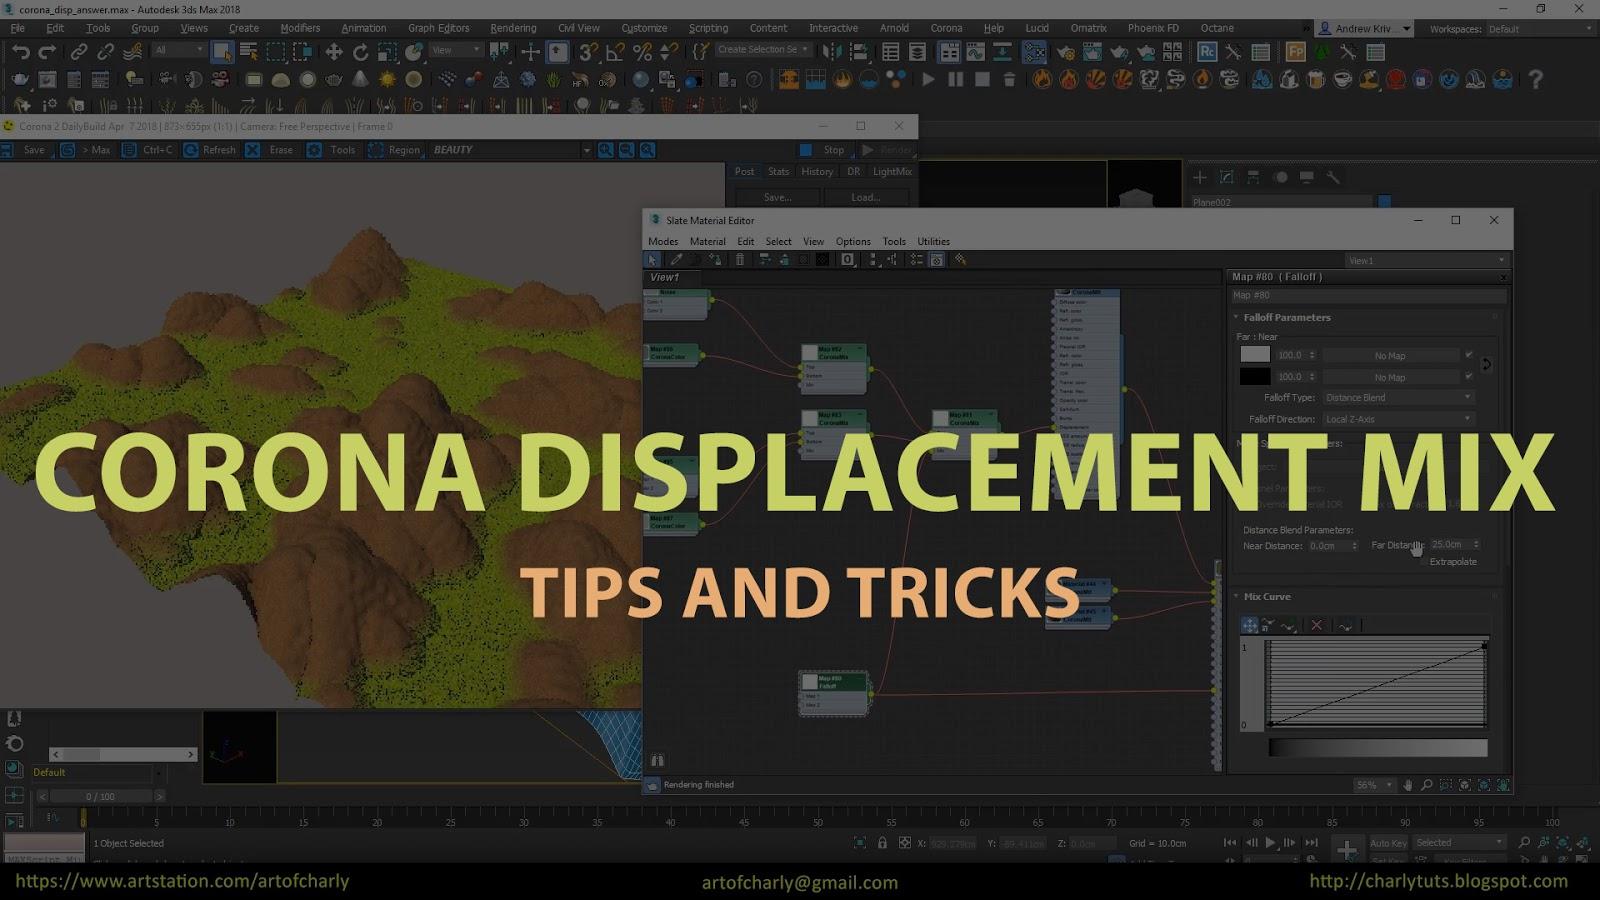 coronadisplacement_mix_youtube.jpg